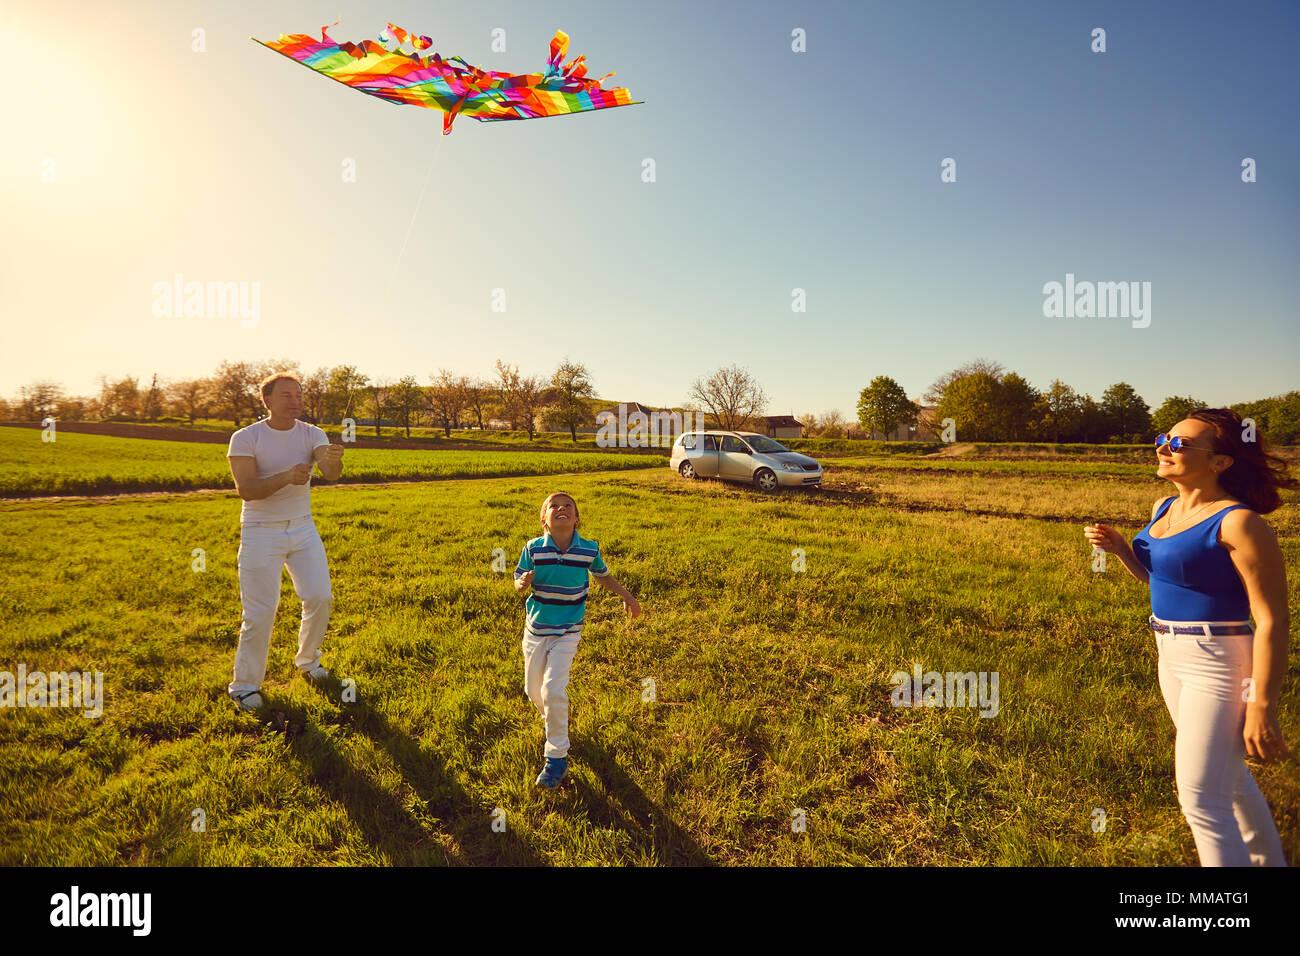 Glückliche Familie mit einem Drachen spielen im Feld in der Natur Stockfoto